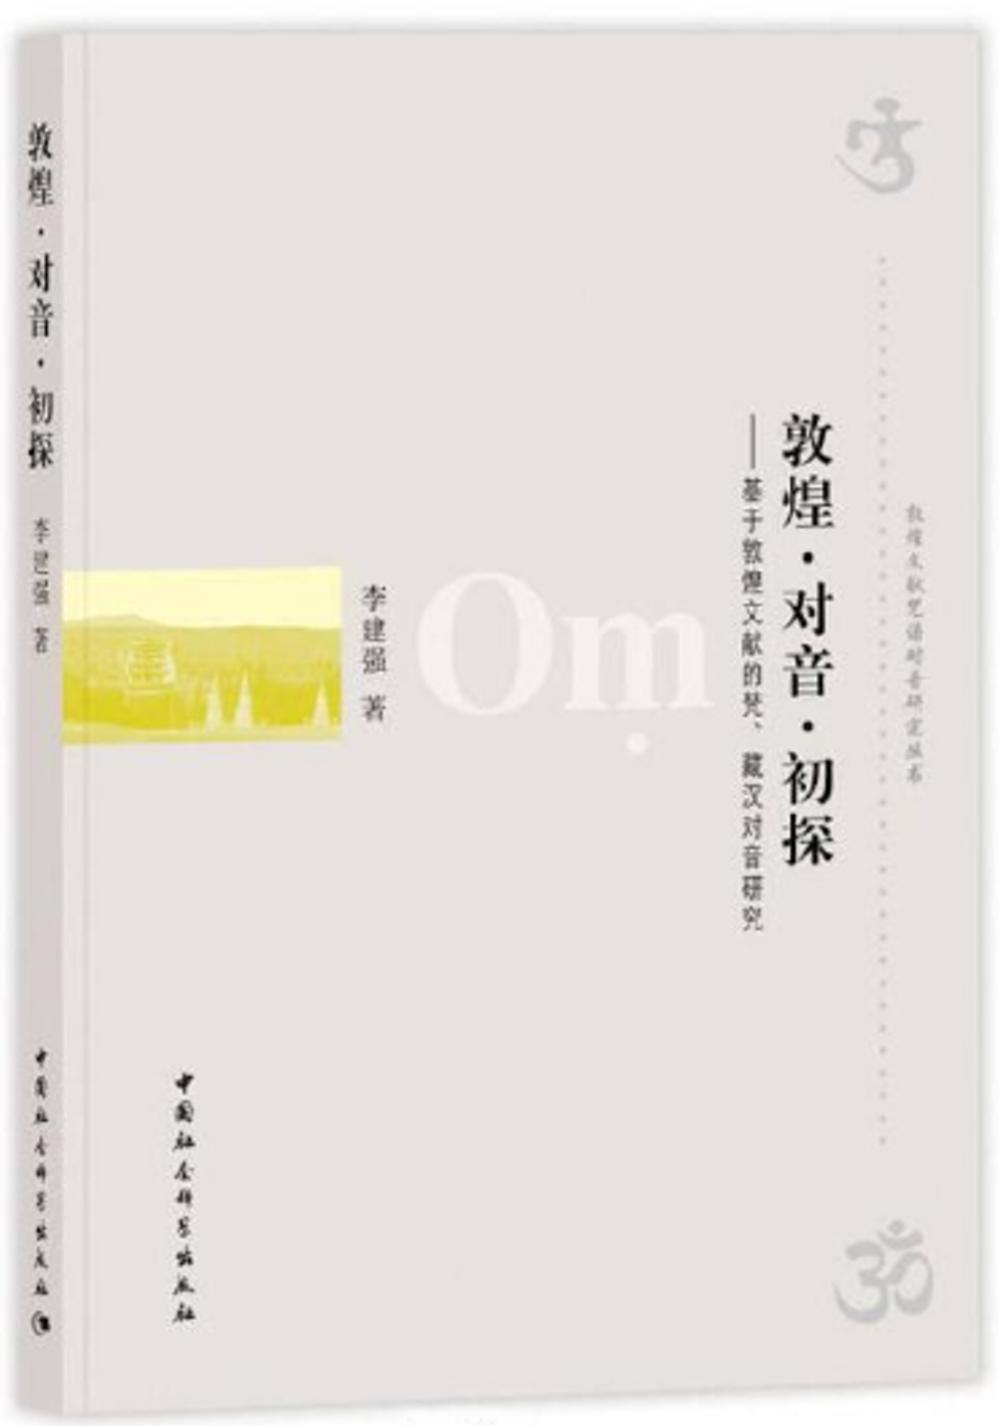 敦煌·對音·初探:基於敦煌文獻的梵、藏漢對音研究